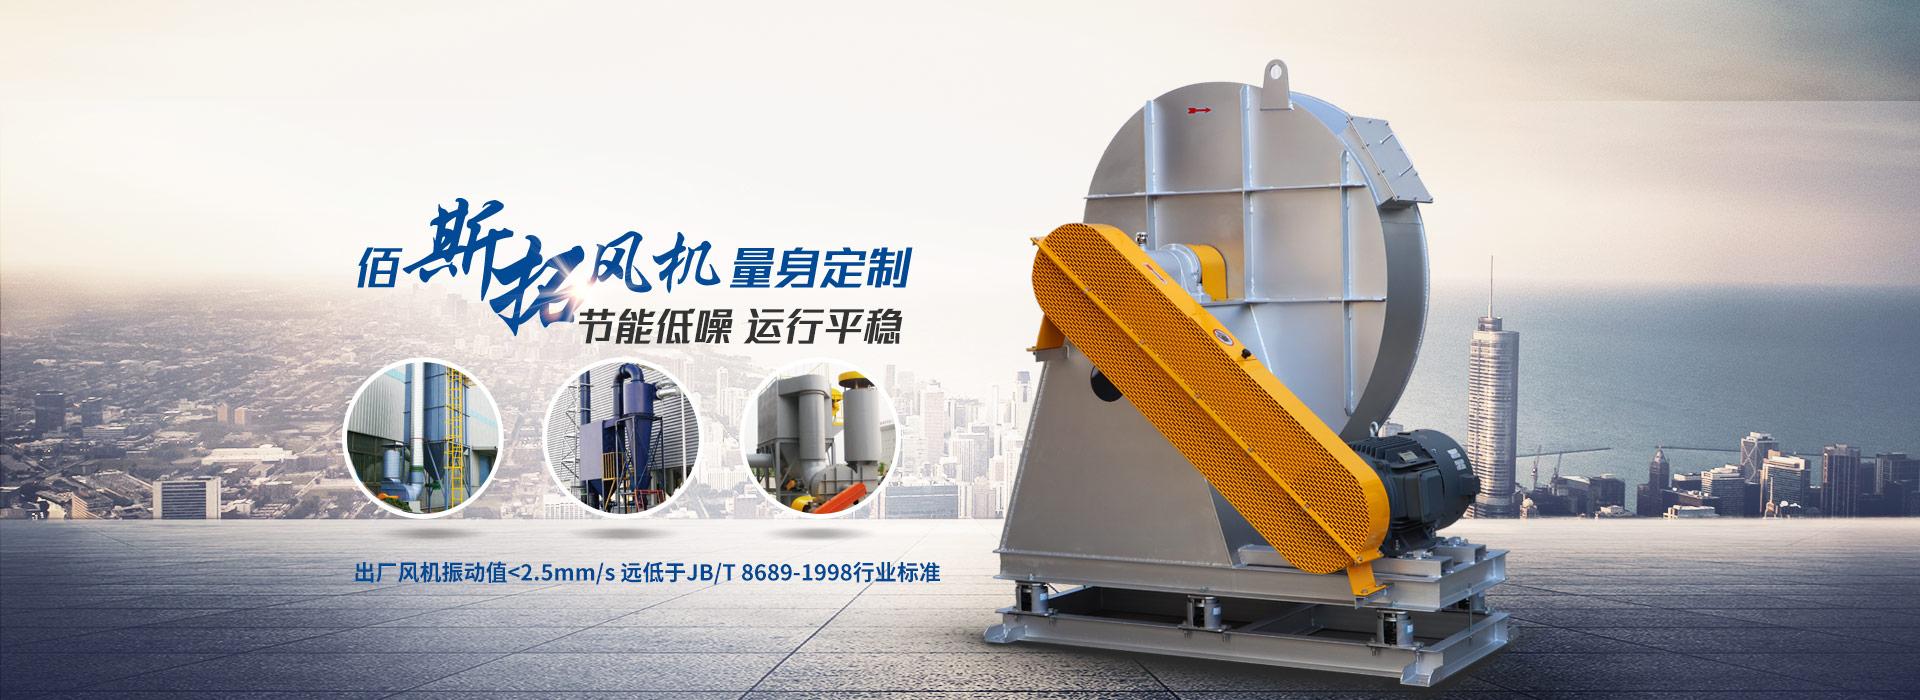 佰斯拓风机  节能低噪 运行平稳 出厂风机振动值<2.5mm/s 远低于JB/T 8689-1998行业标准